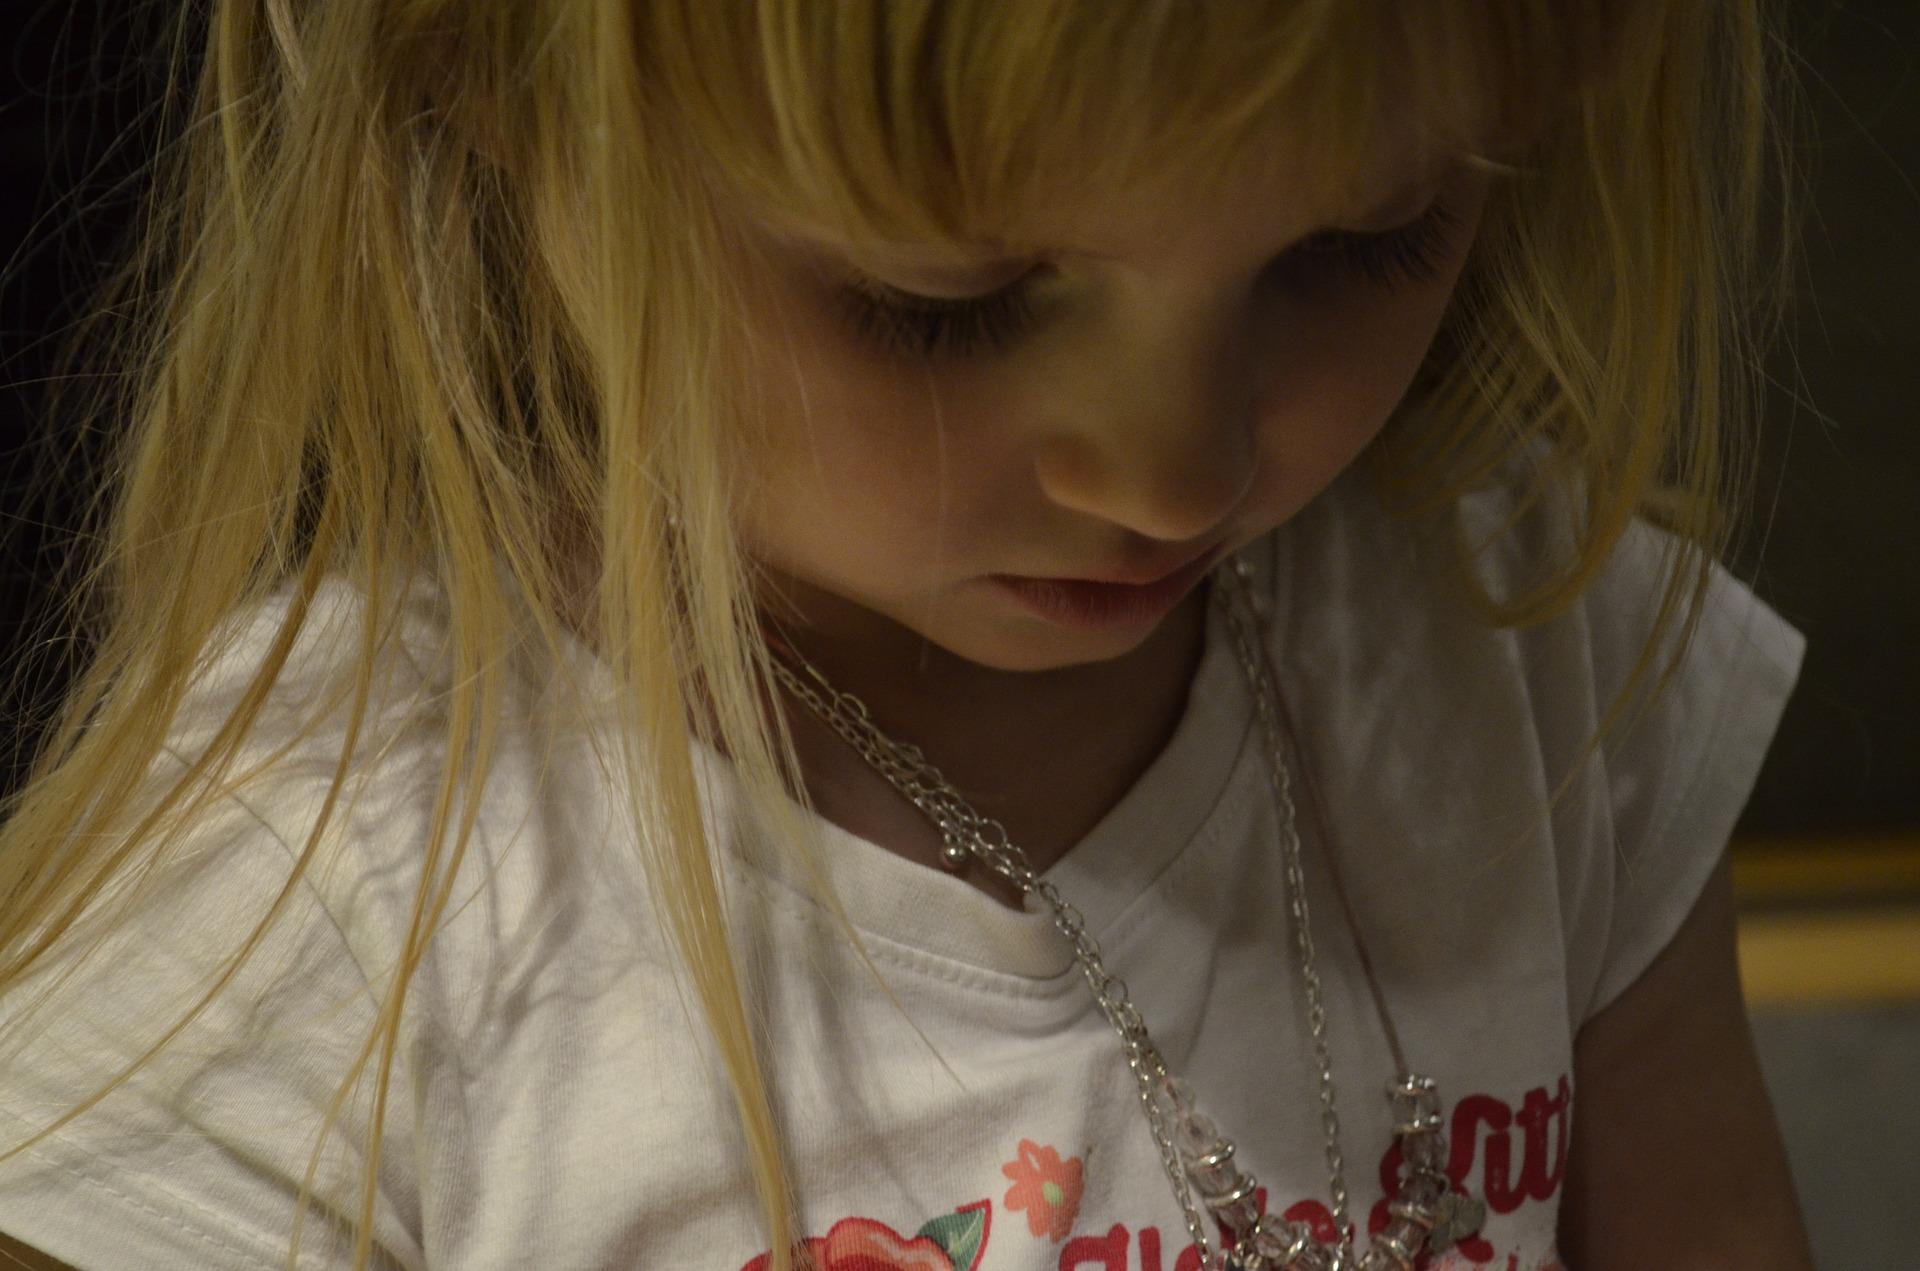 child-990139_1920